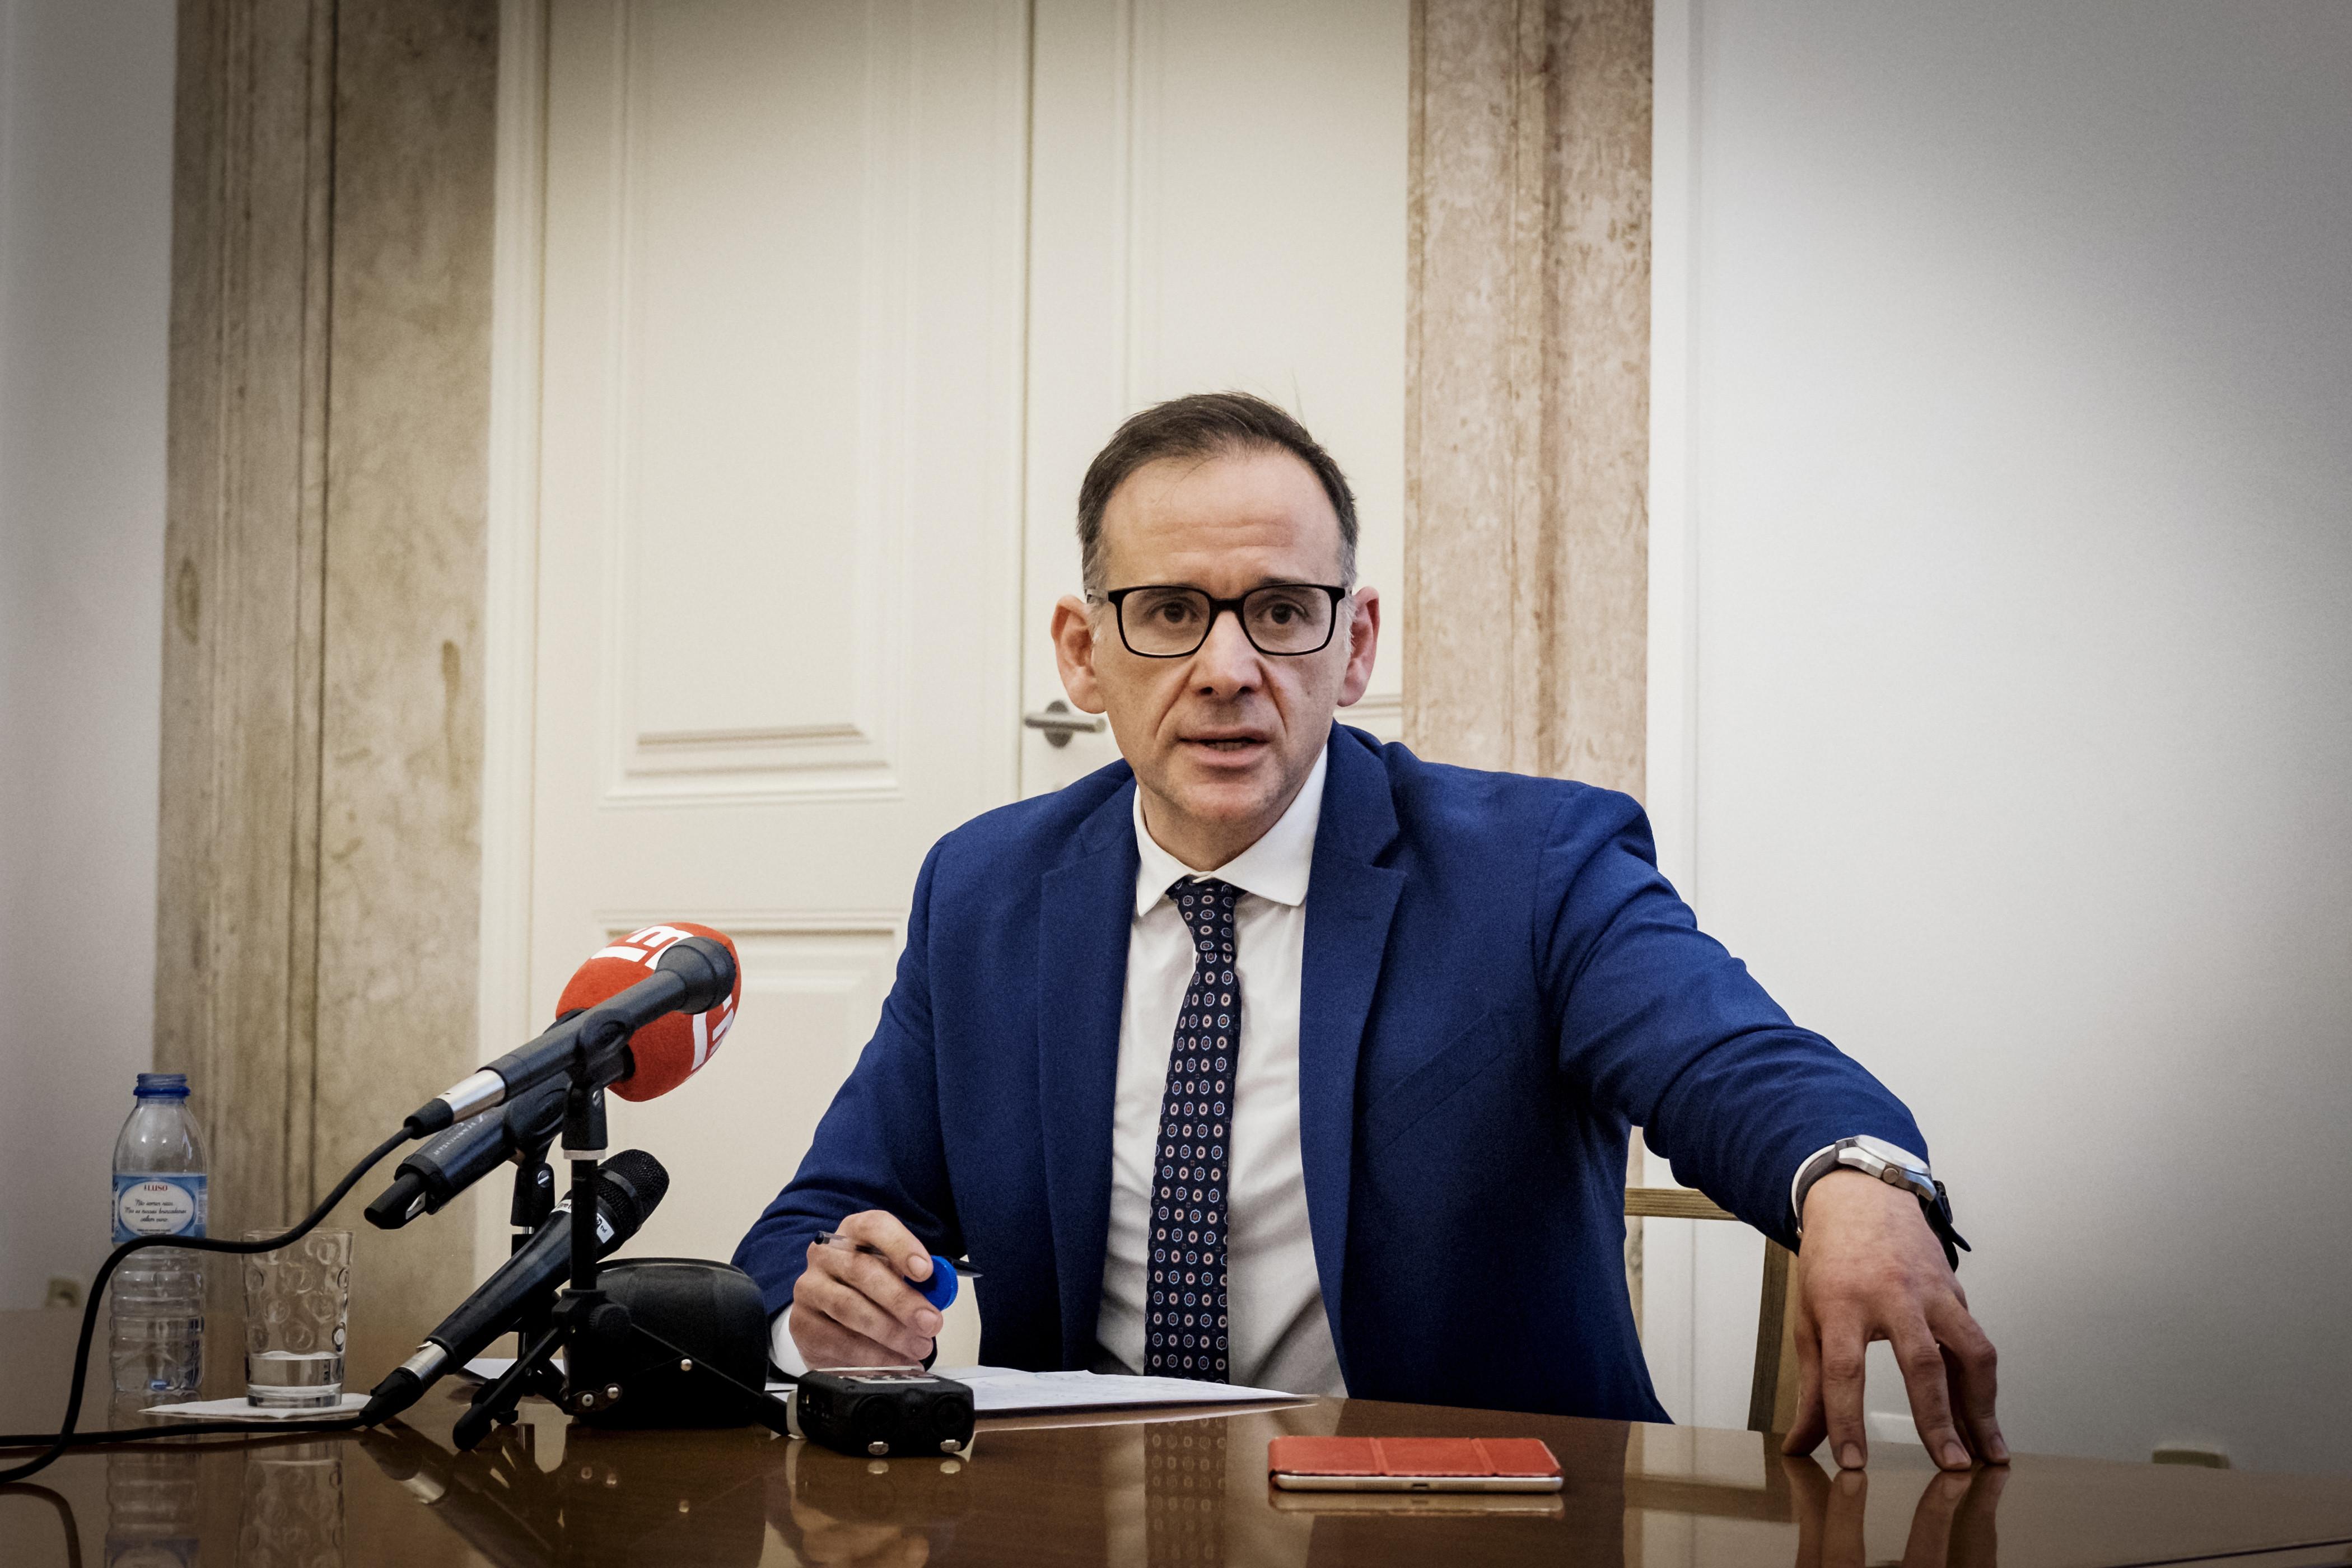 Miguel Honrado nomeado para o Conselho de Administração do CCB